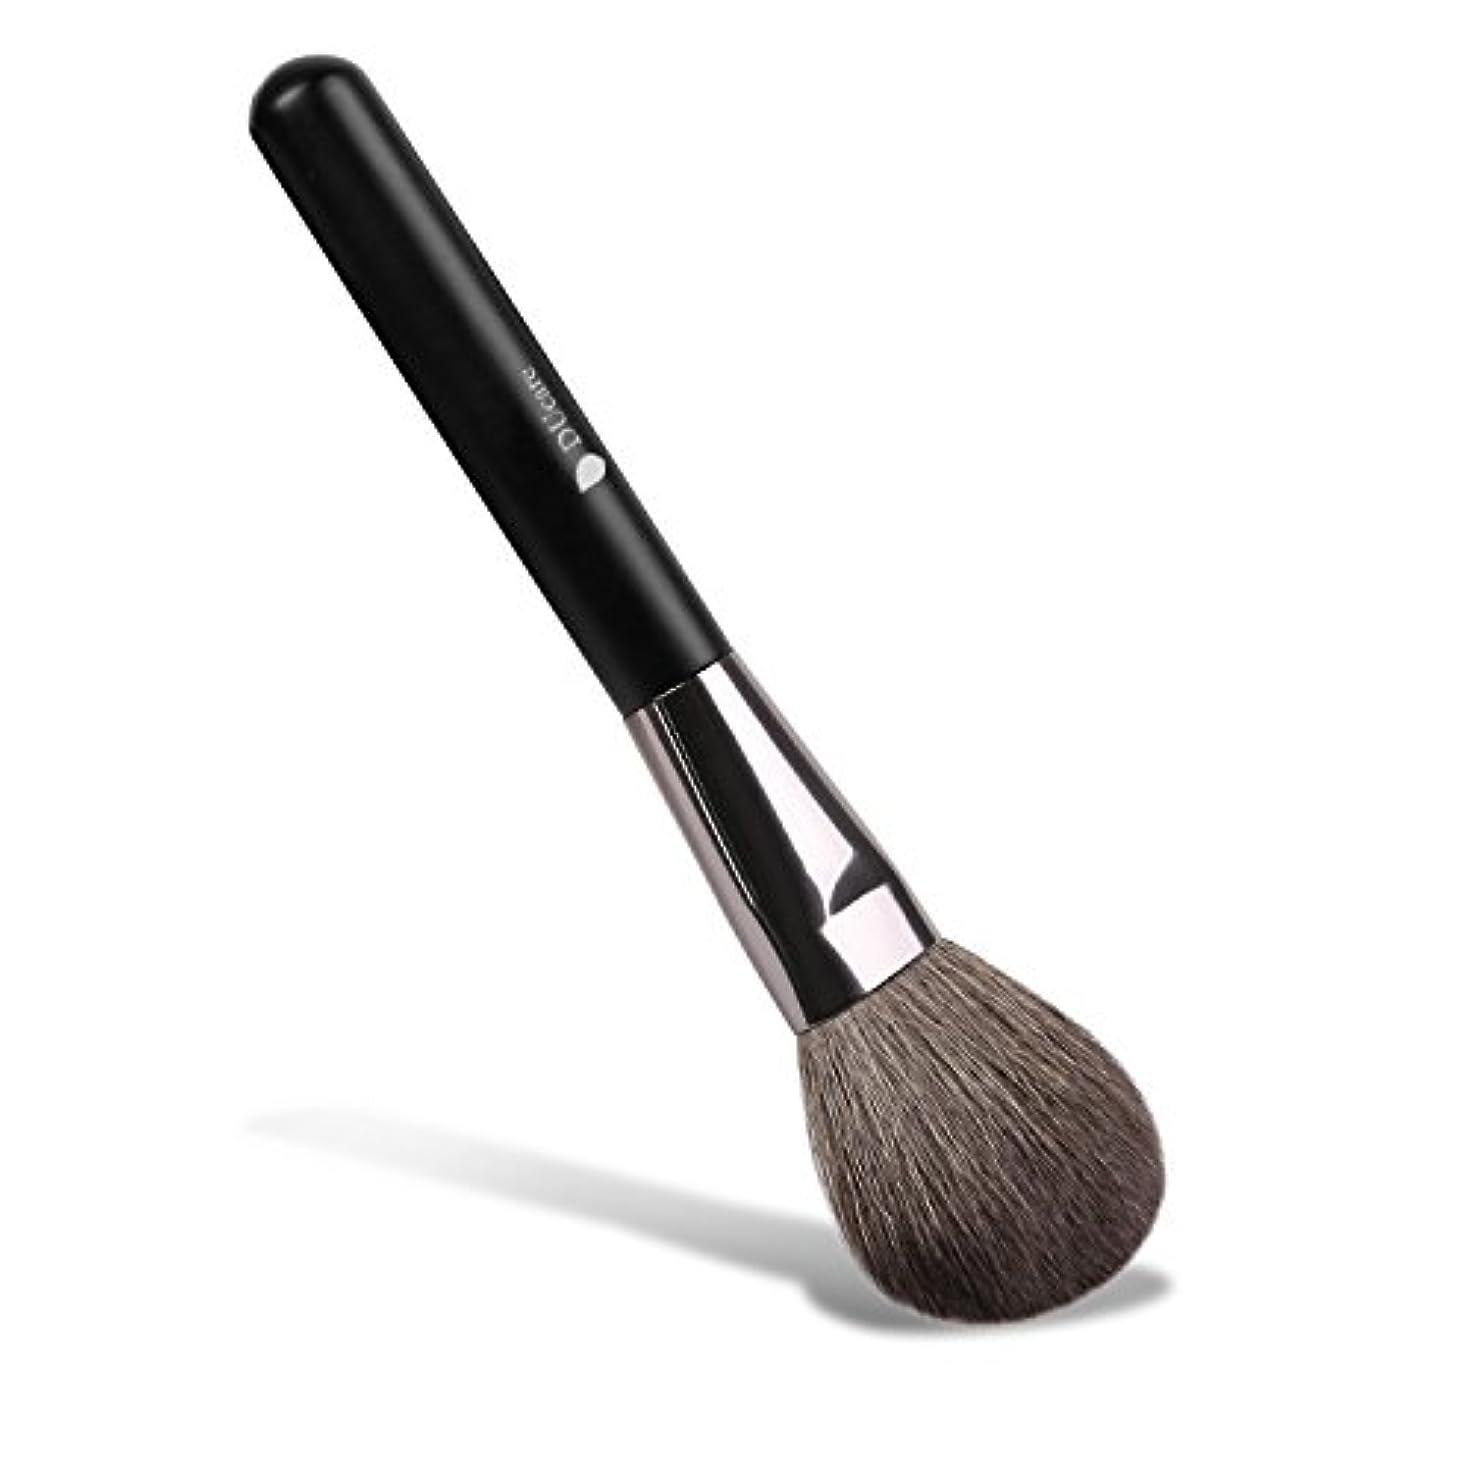 脱獄倉庫離れたDUcare ドゥケア 化粧筆 山羊毛 フェイスブラシ パウダー&チークブラシ 天然毛をたっぷり使用